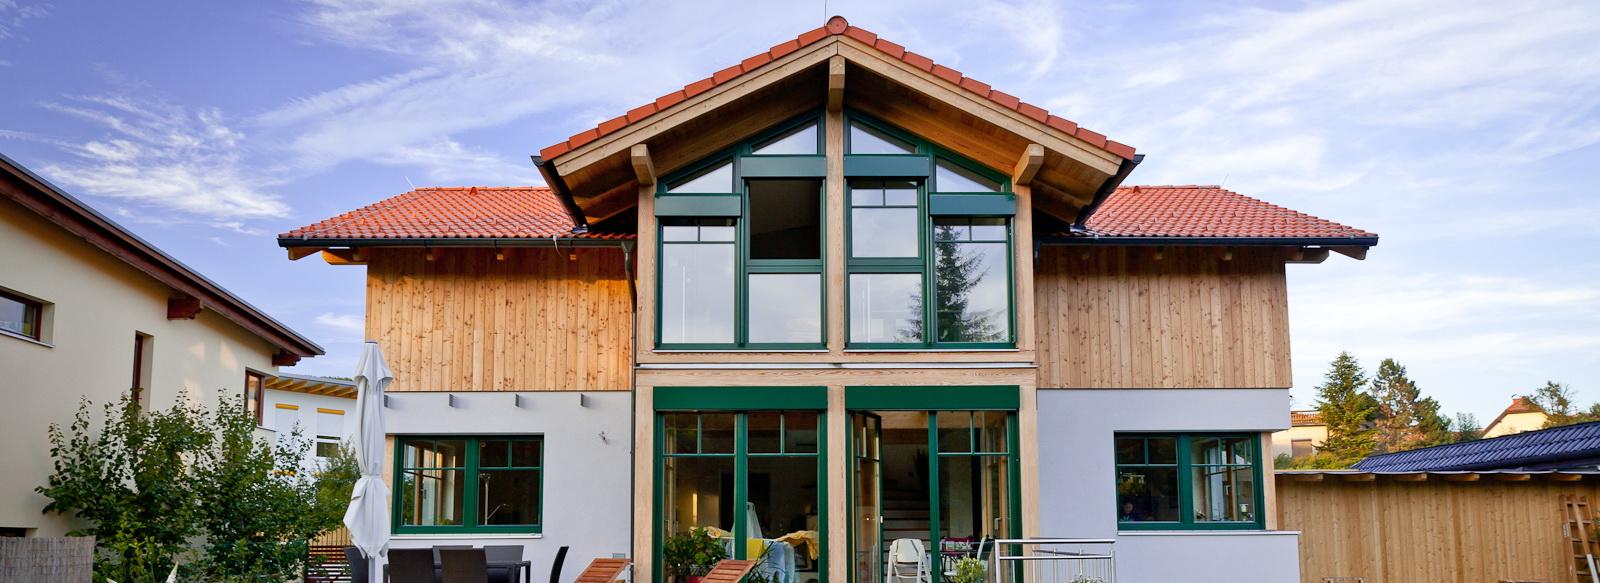 Haus im Wienerwald